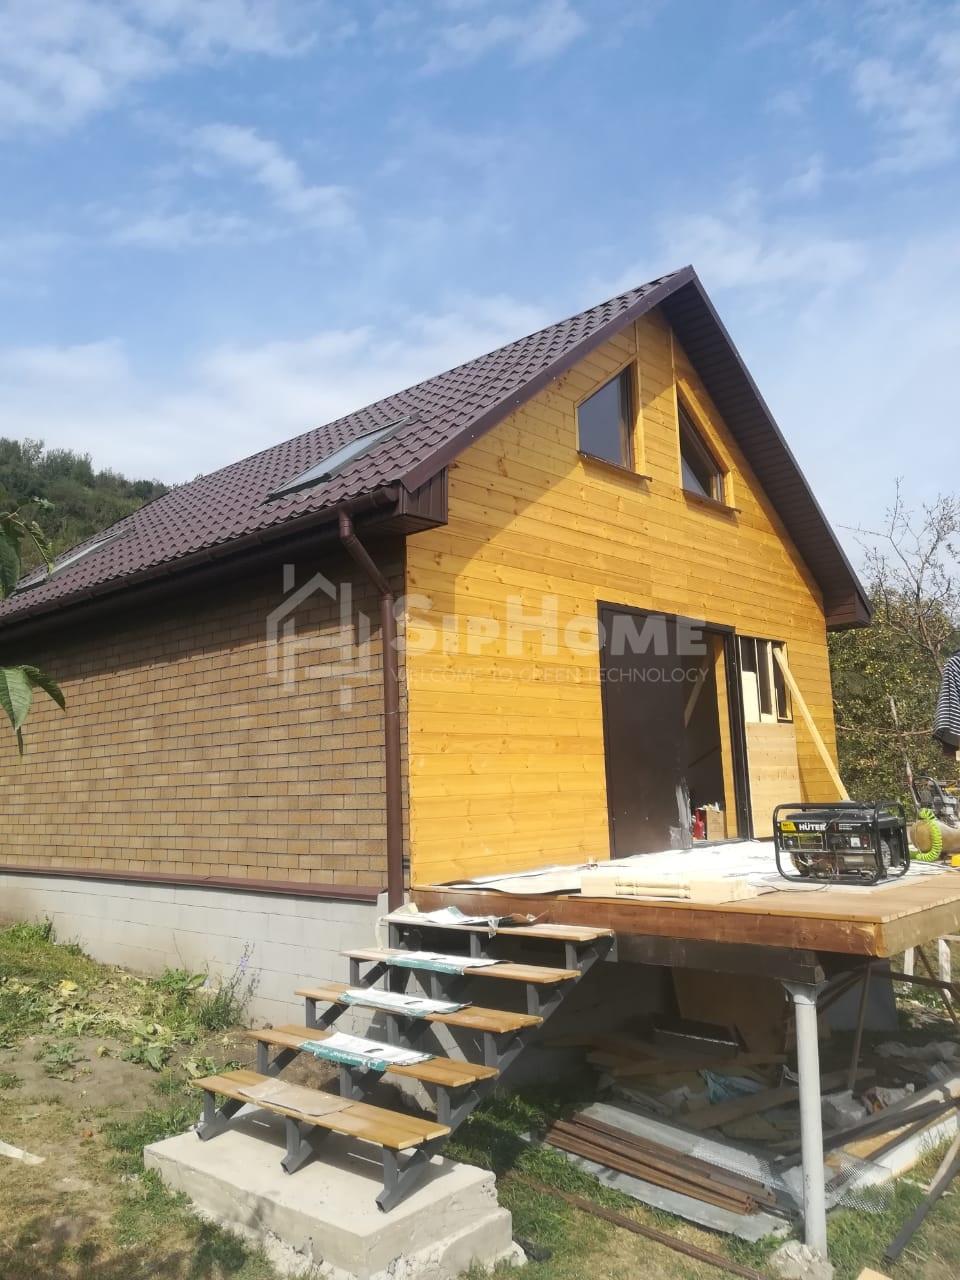 Строительство летнего дома для отдыха из СИП панелей в Карагайлы 74 м2 [2018]